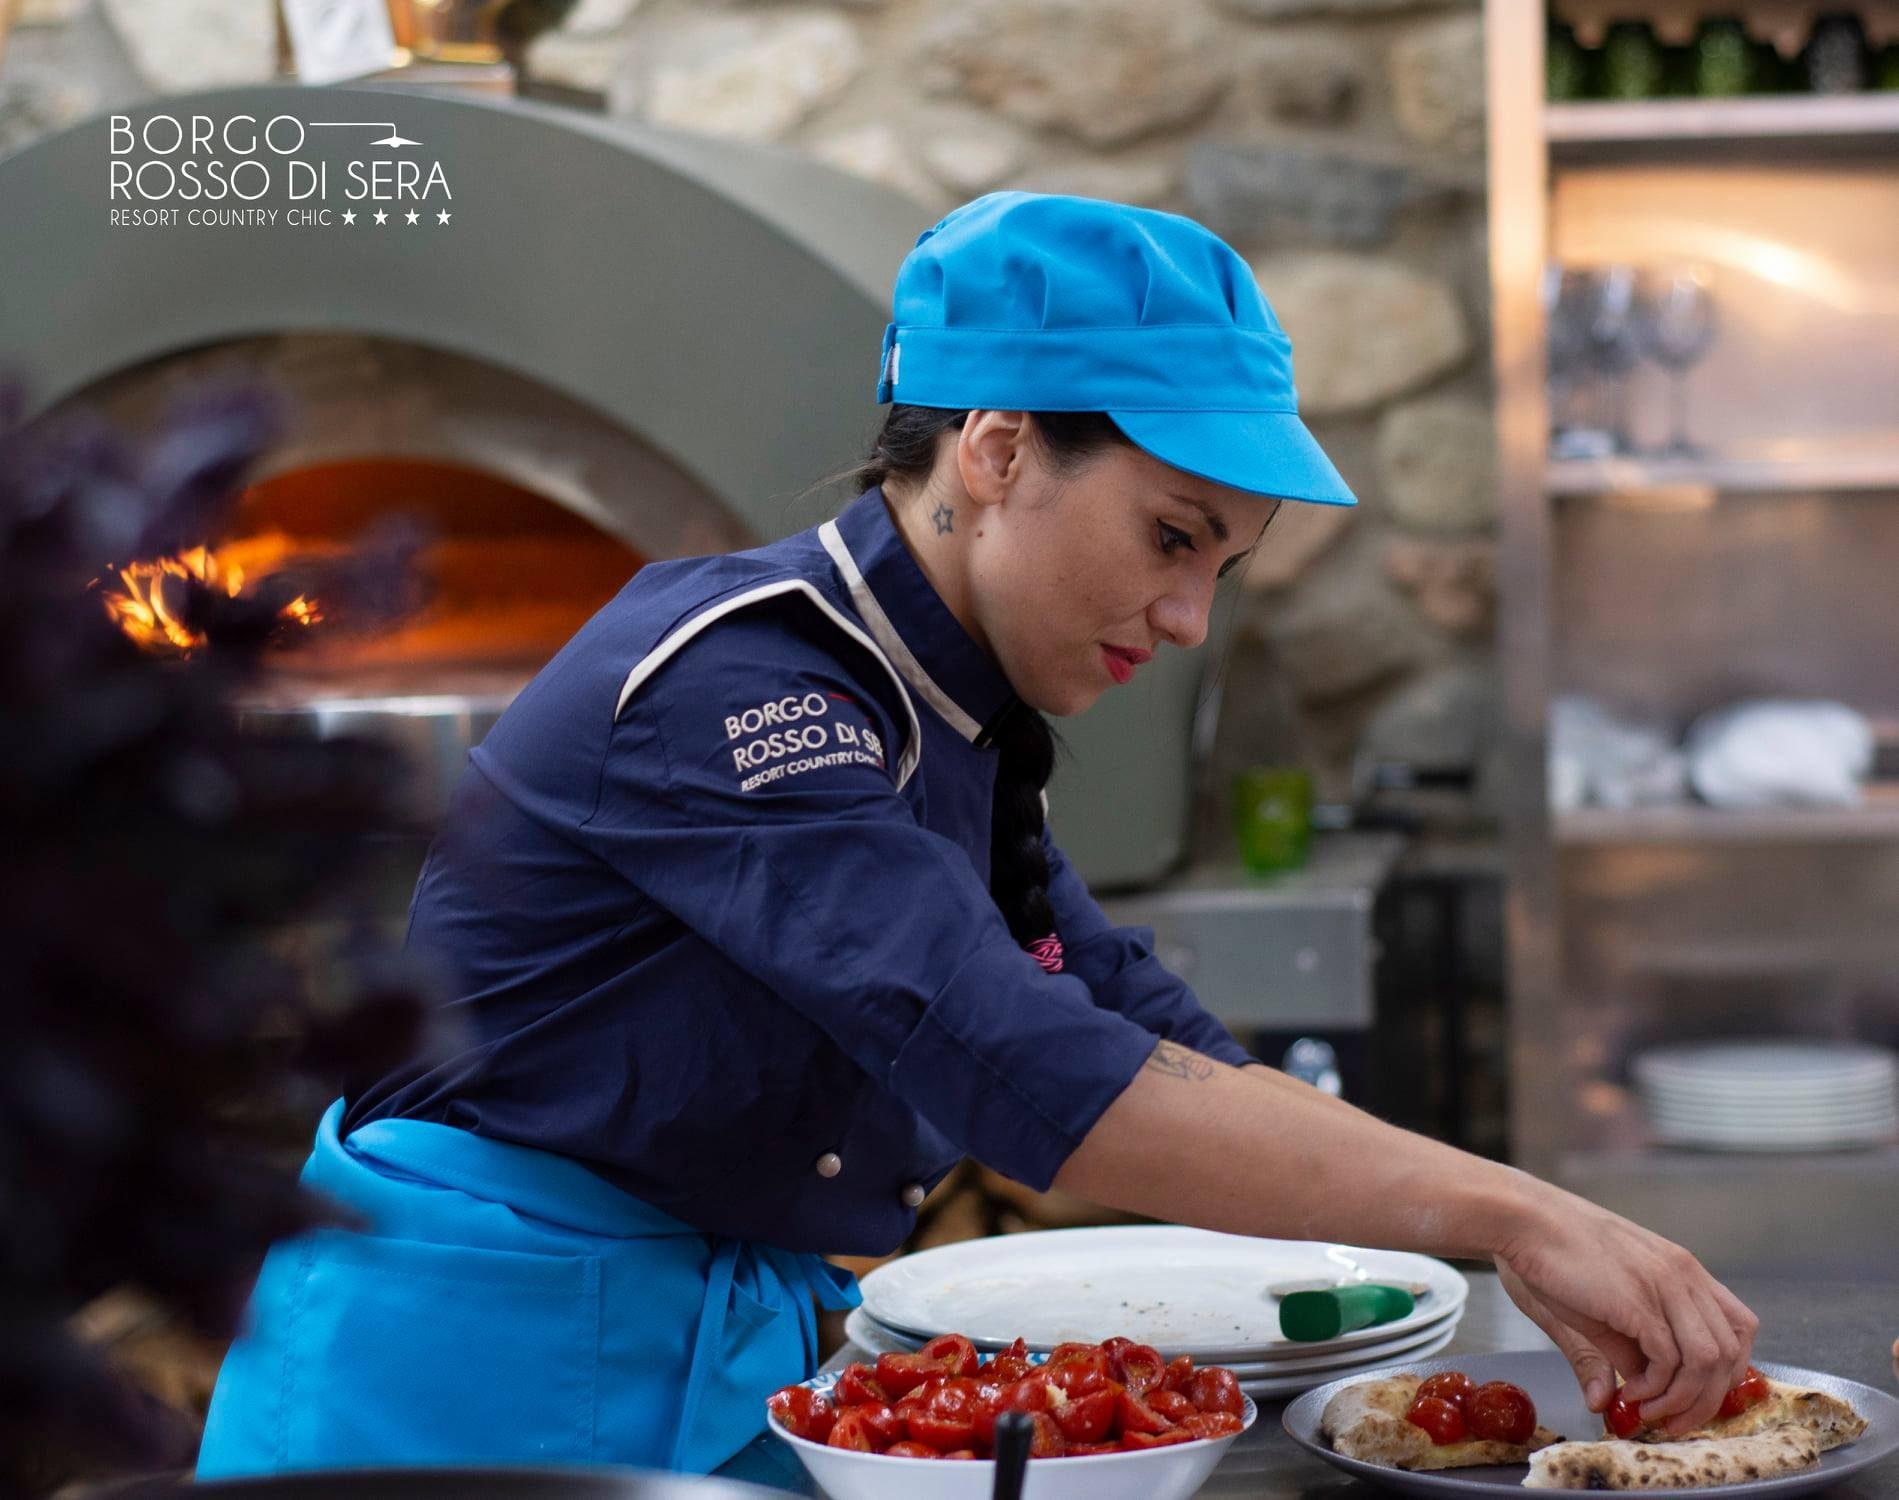 borgo-rosso-di-sera-calabria-ristoranti